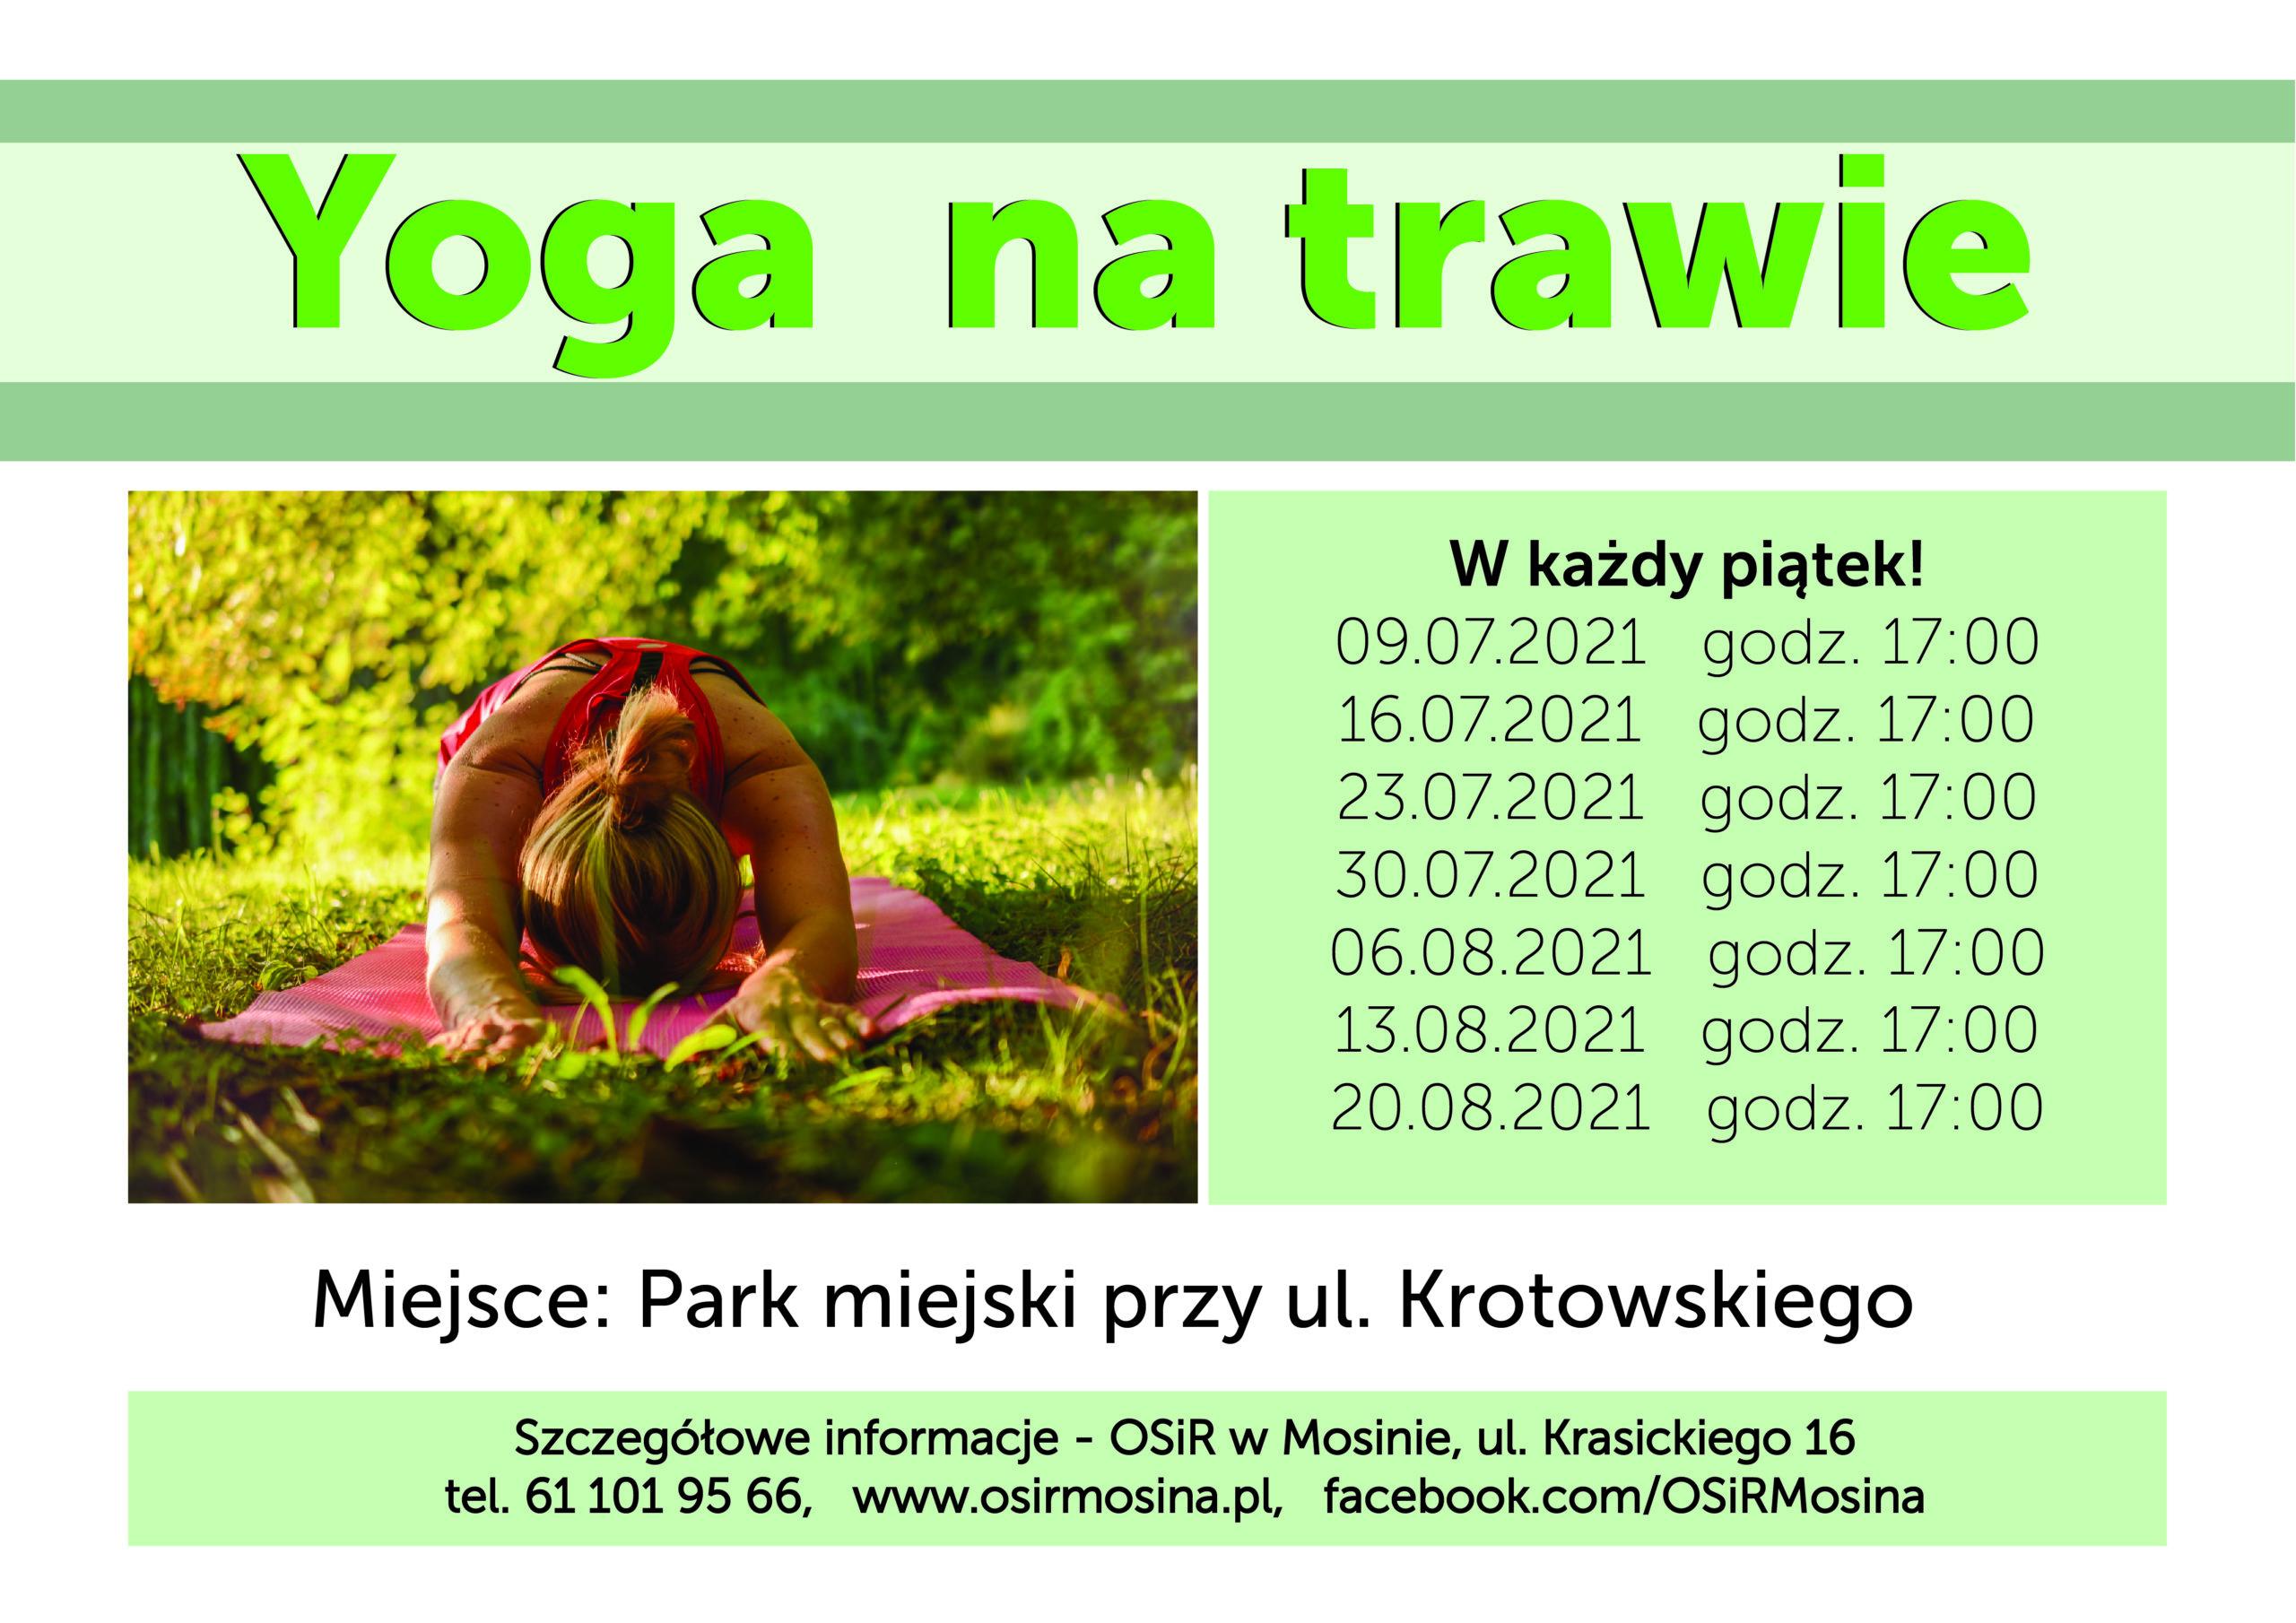 Informacje dotyczące zajęć z jogi, które odbywają się w parku miejskim przy ul. Krotowskiego